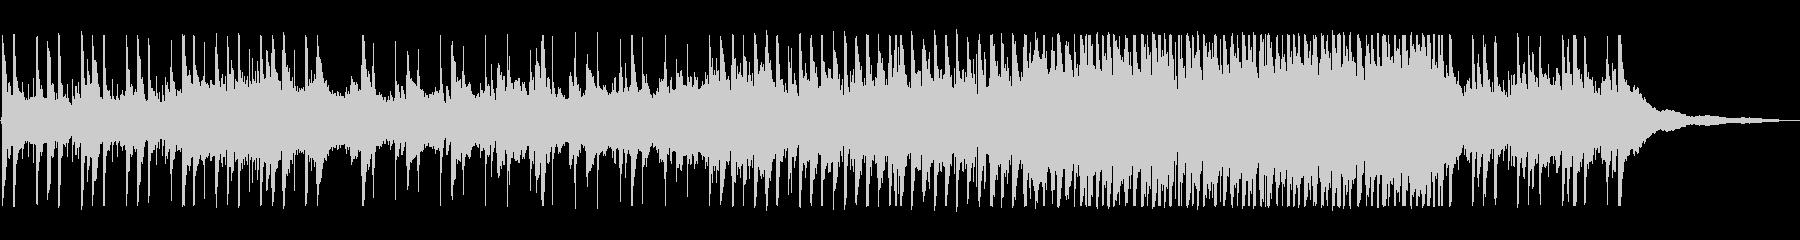 ハーモニカとピアノのまったり曲の未再生の波形